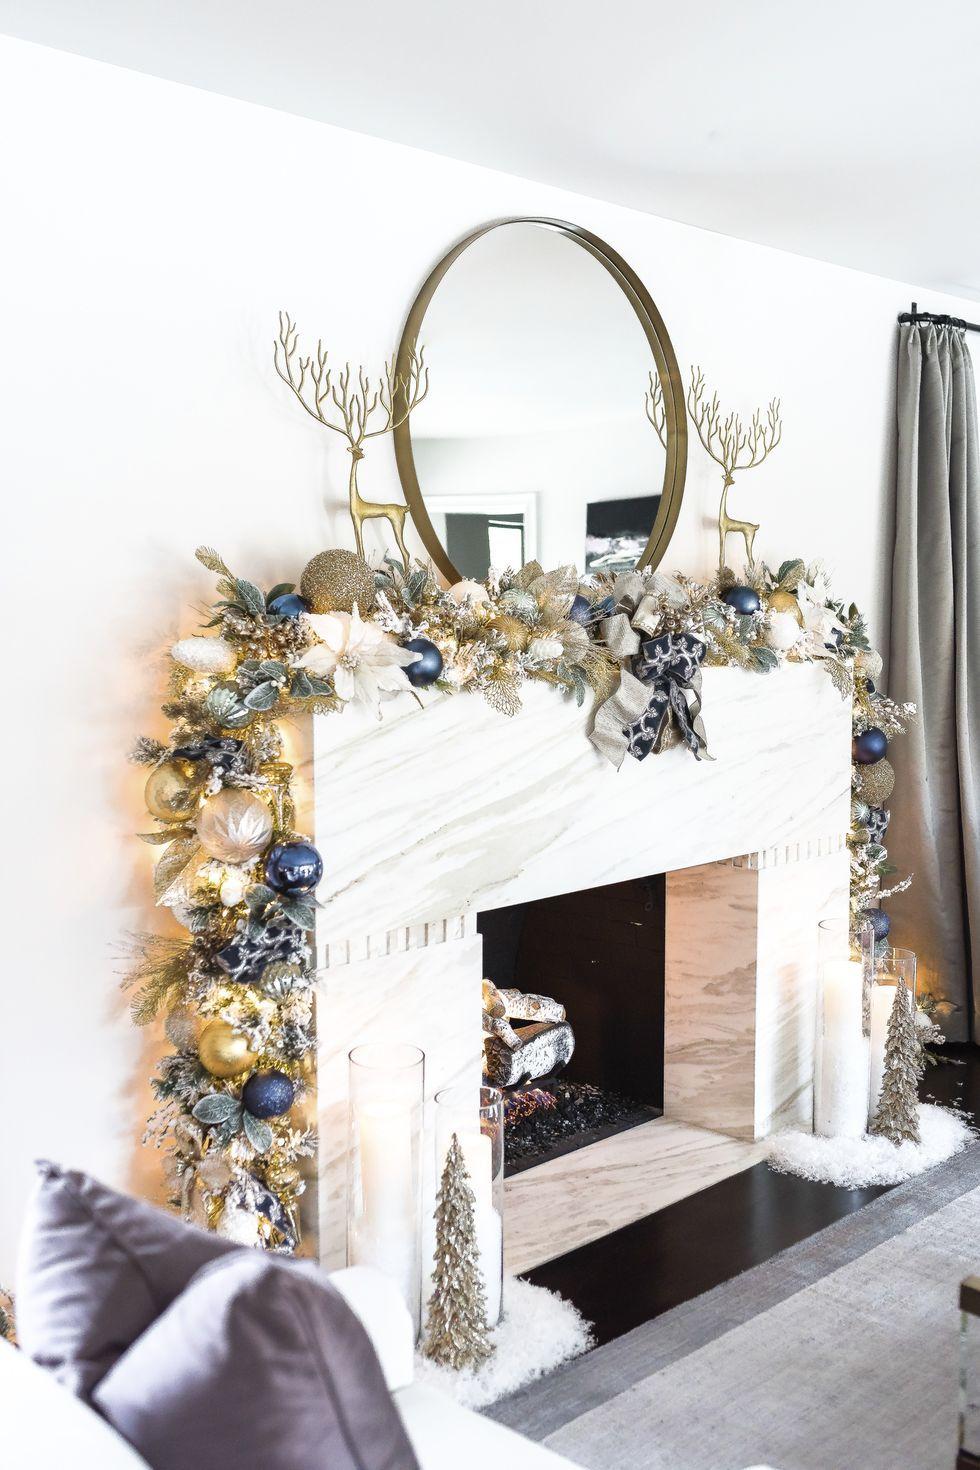 Decorazioni Natalizie Per Casa.Decorazioni Natalizie Per La Casa Come Arredare Casa Per Natale Pietre Di Rapolano